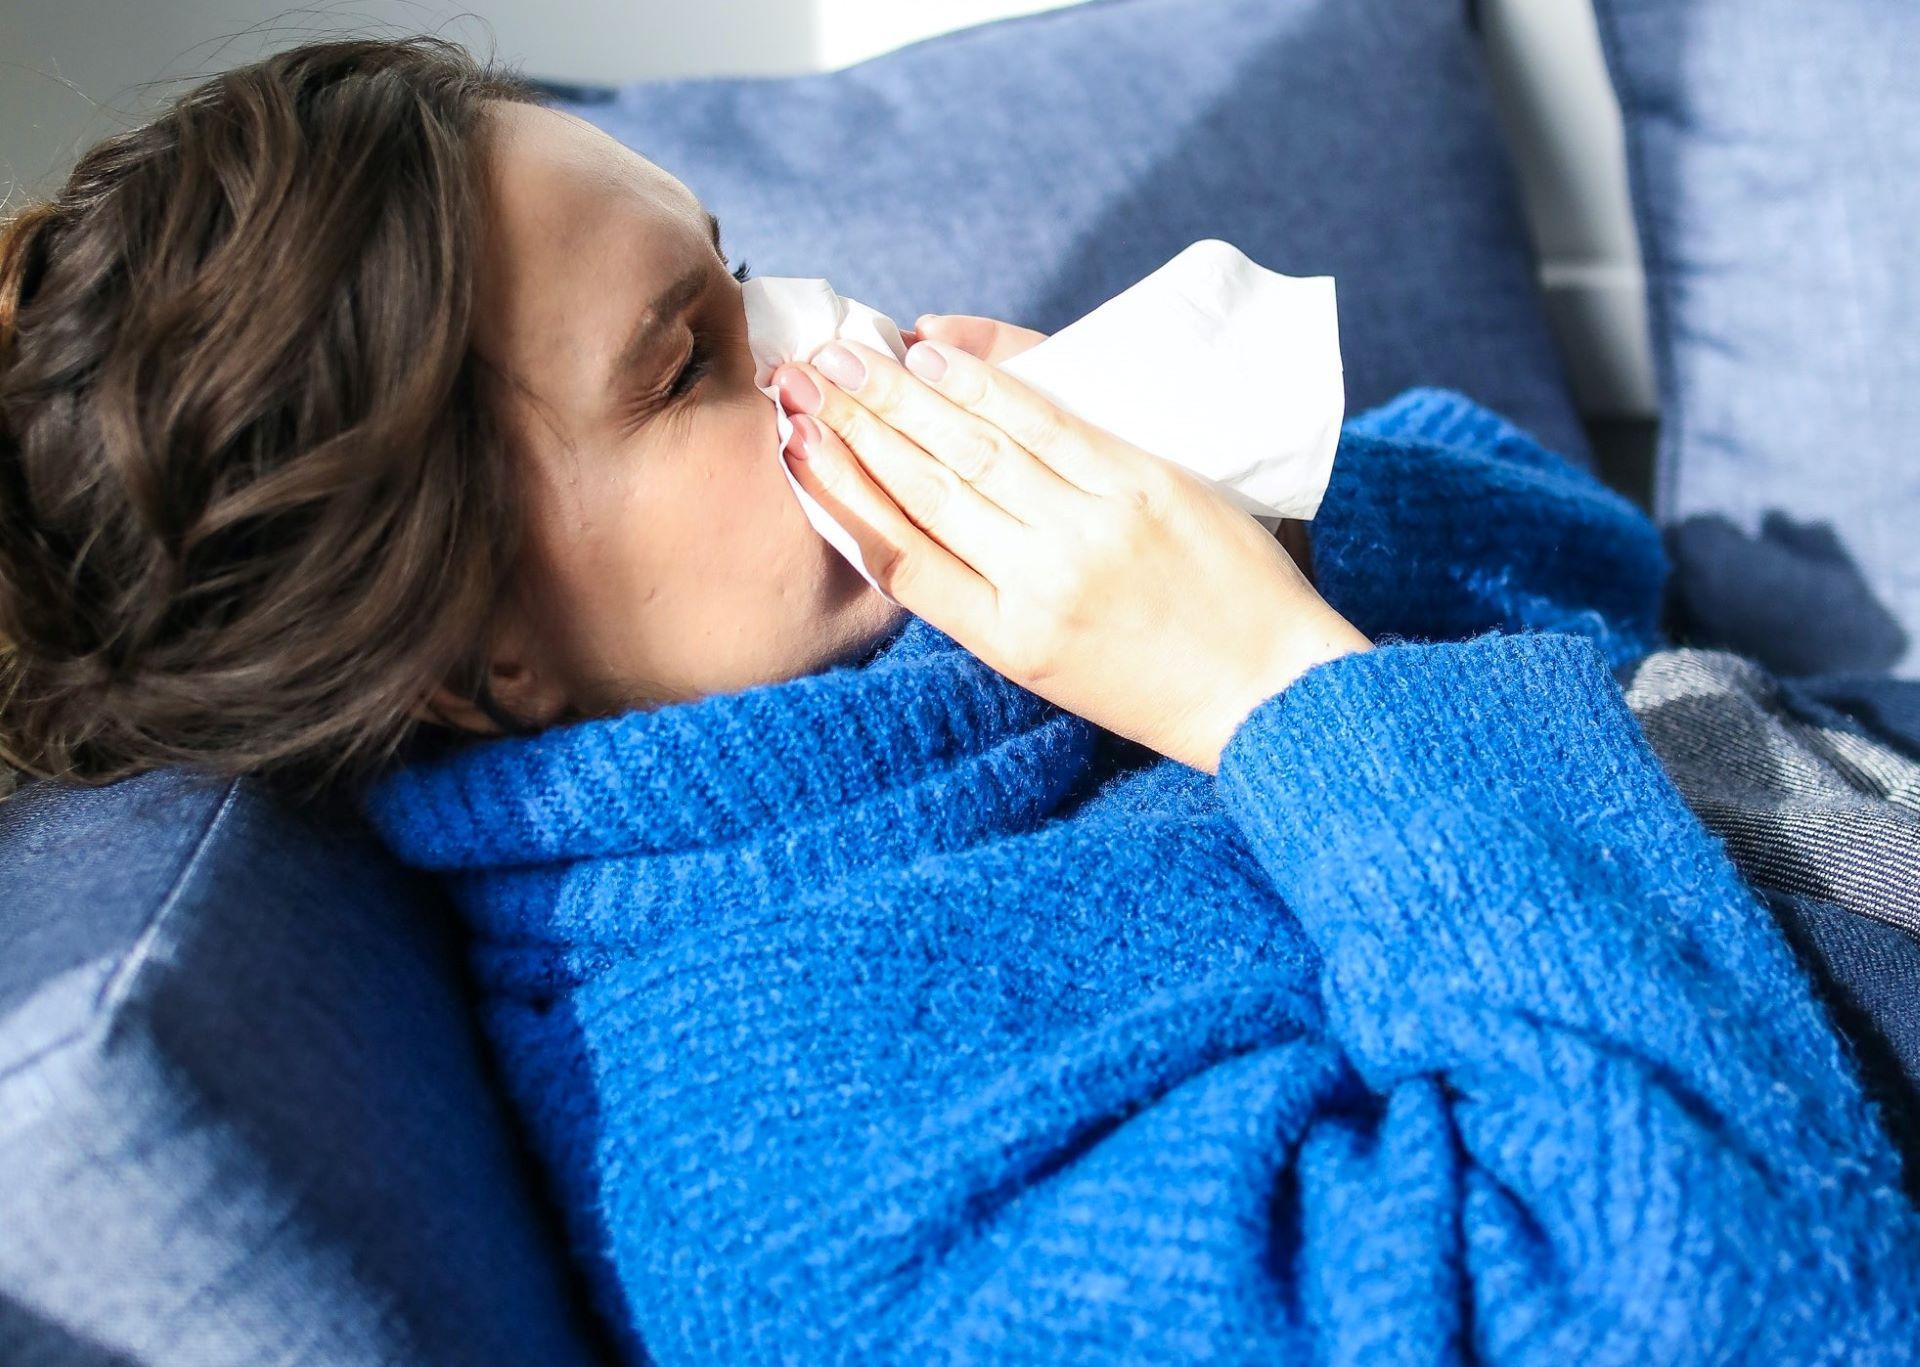 Grávida e com gripe? Saiba o que fazer